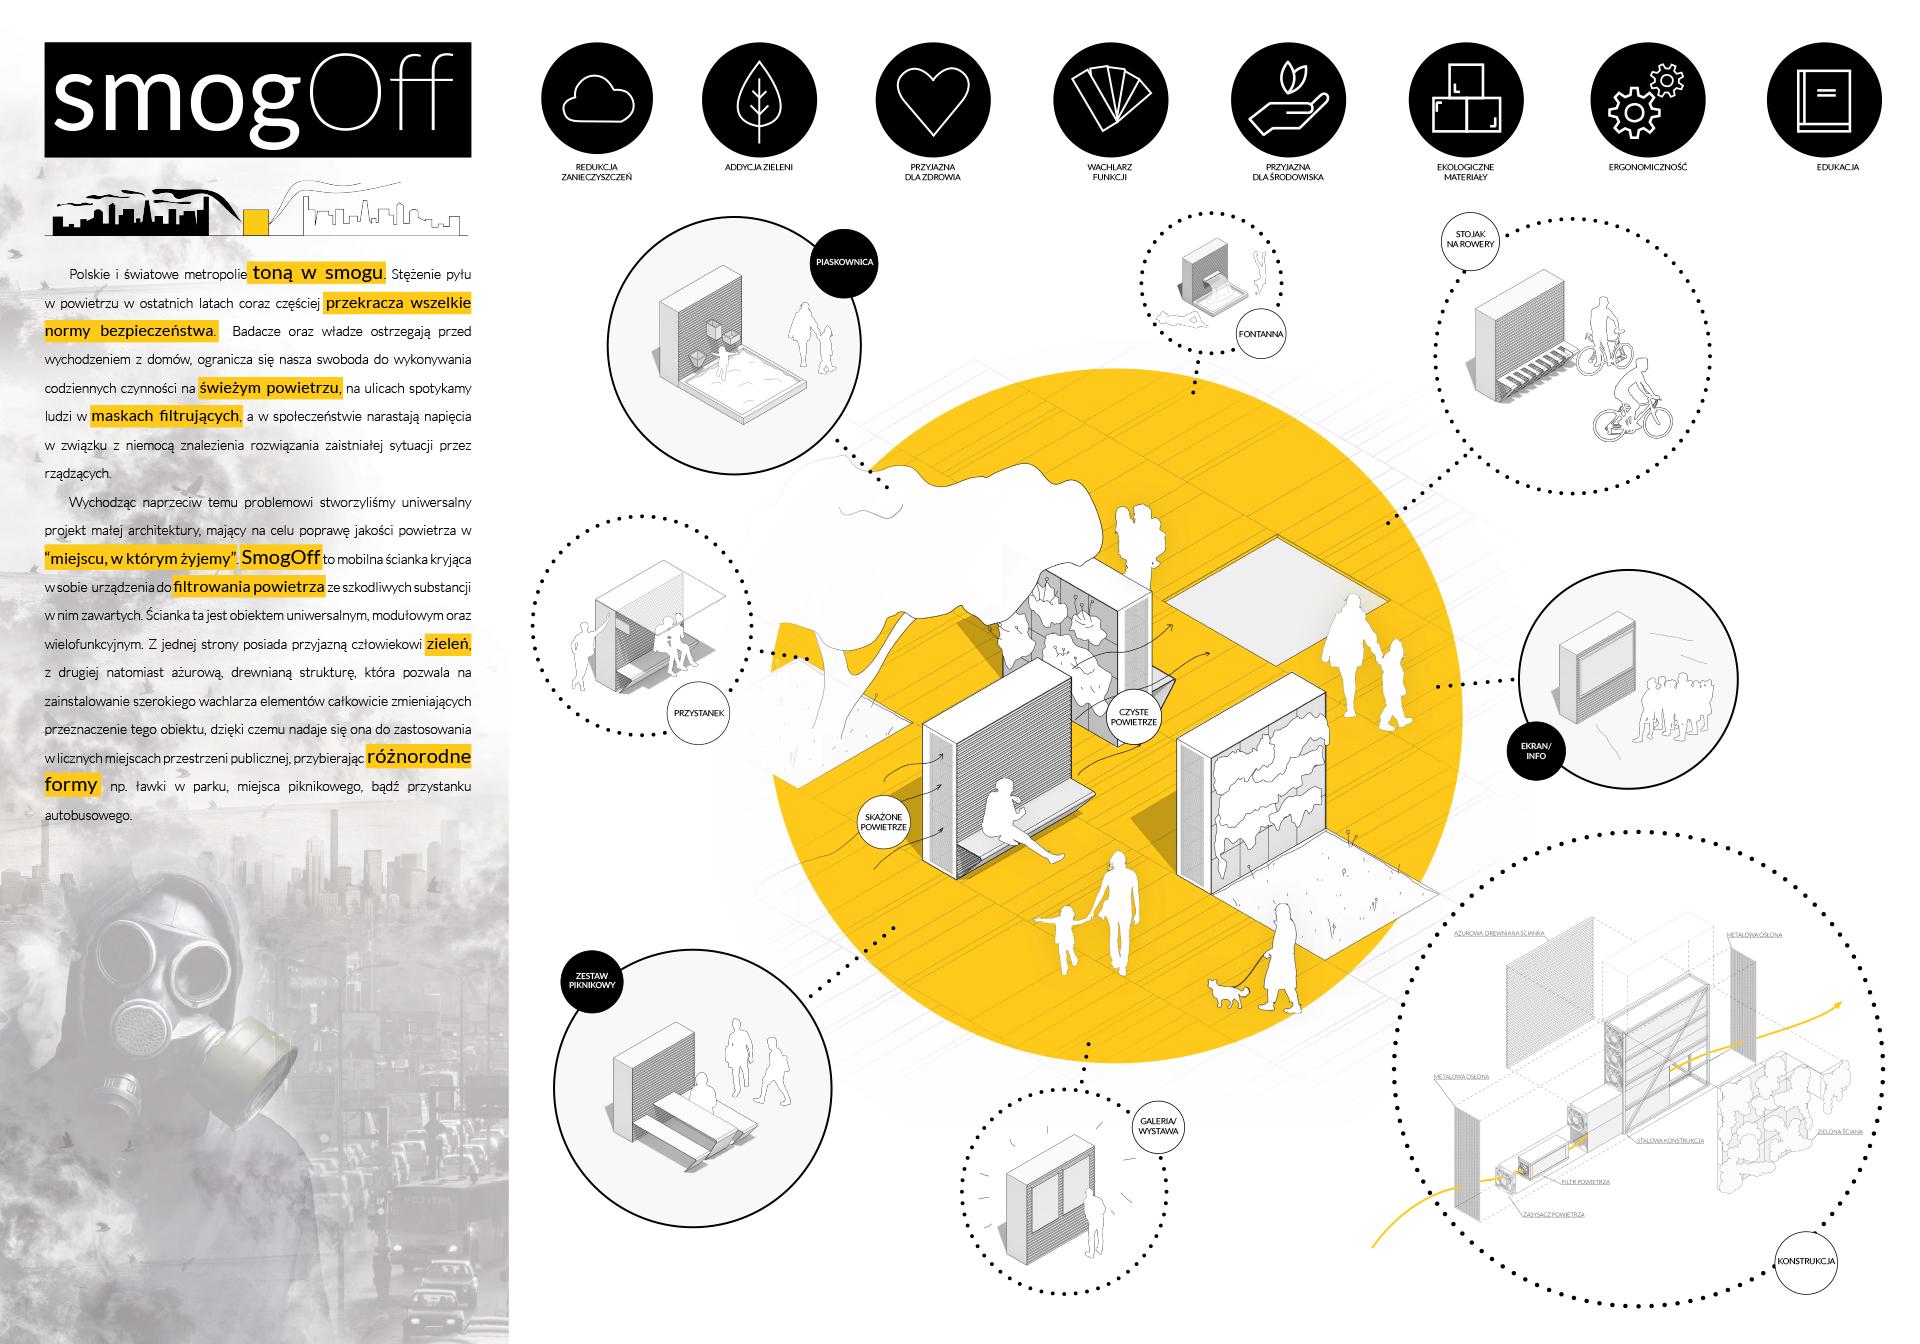 SmogOff to mobilna ścianka kryjąca w sobie urządzenia do filtrowania powietrza.